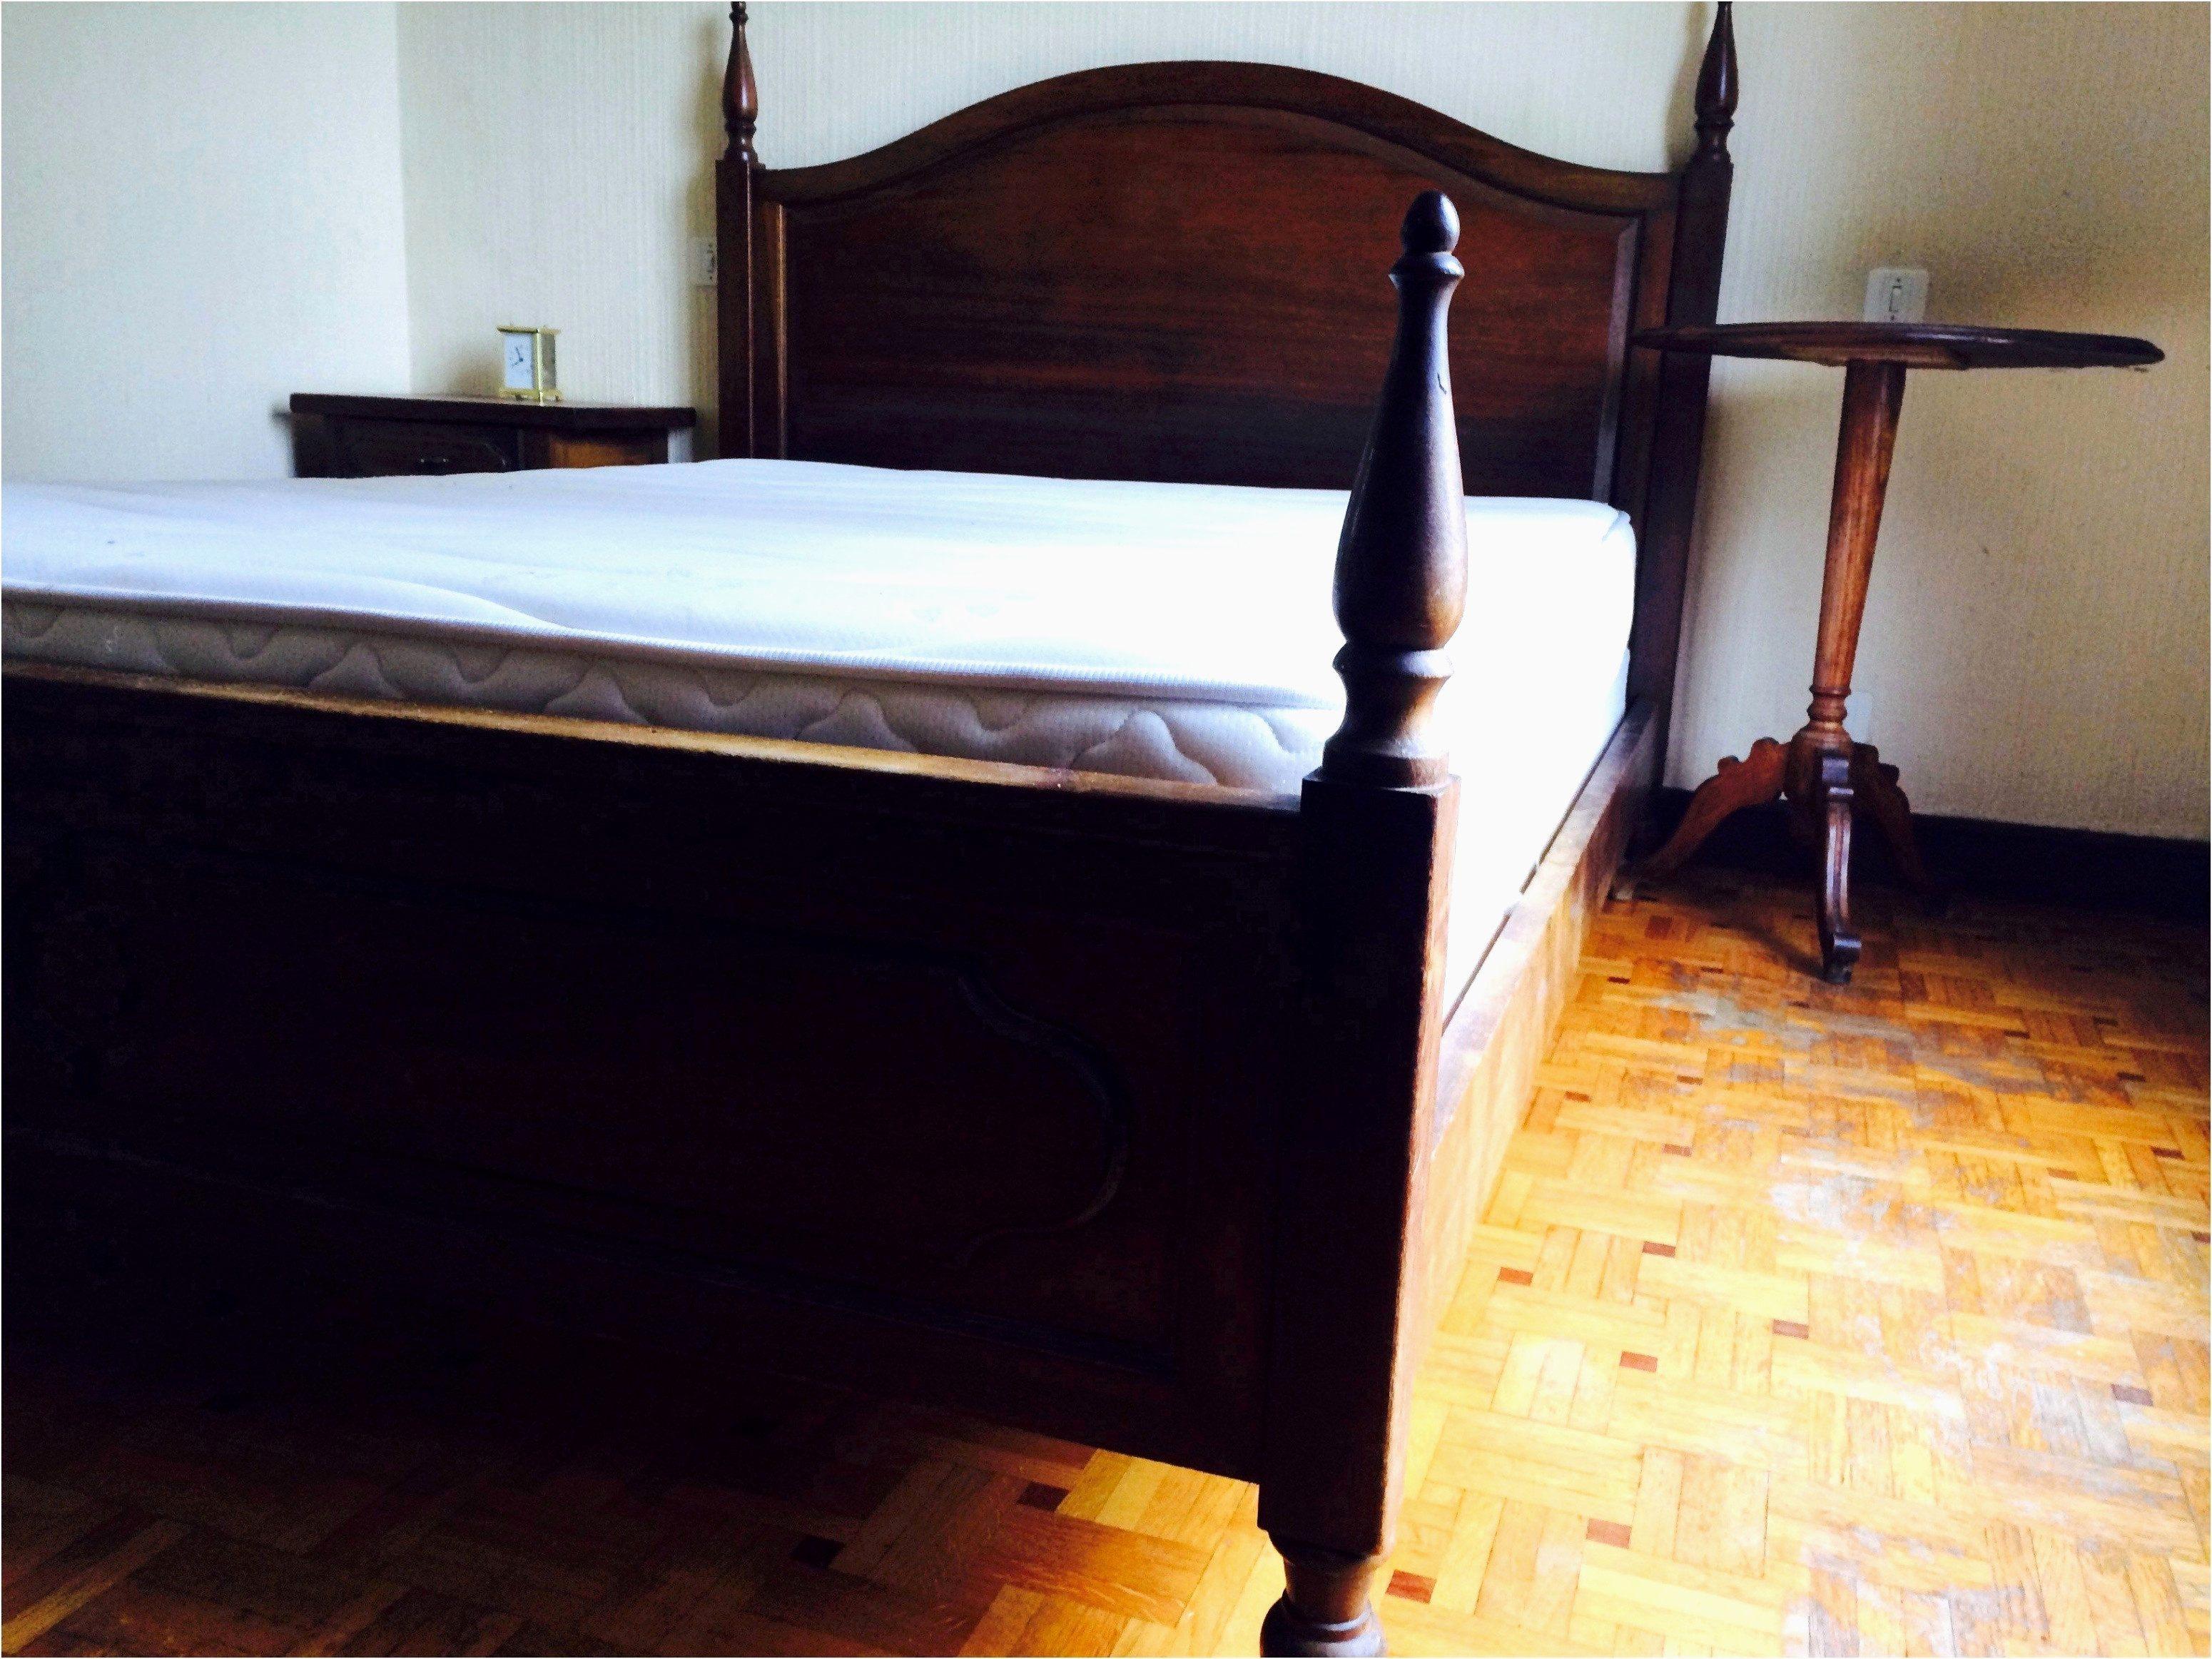 Lit Sans Tete De Lit Impressionnant Tete De Lit Bois 160 sove Lit Sans Tete De Lit — sovedis Aquatabs